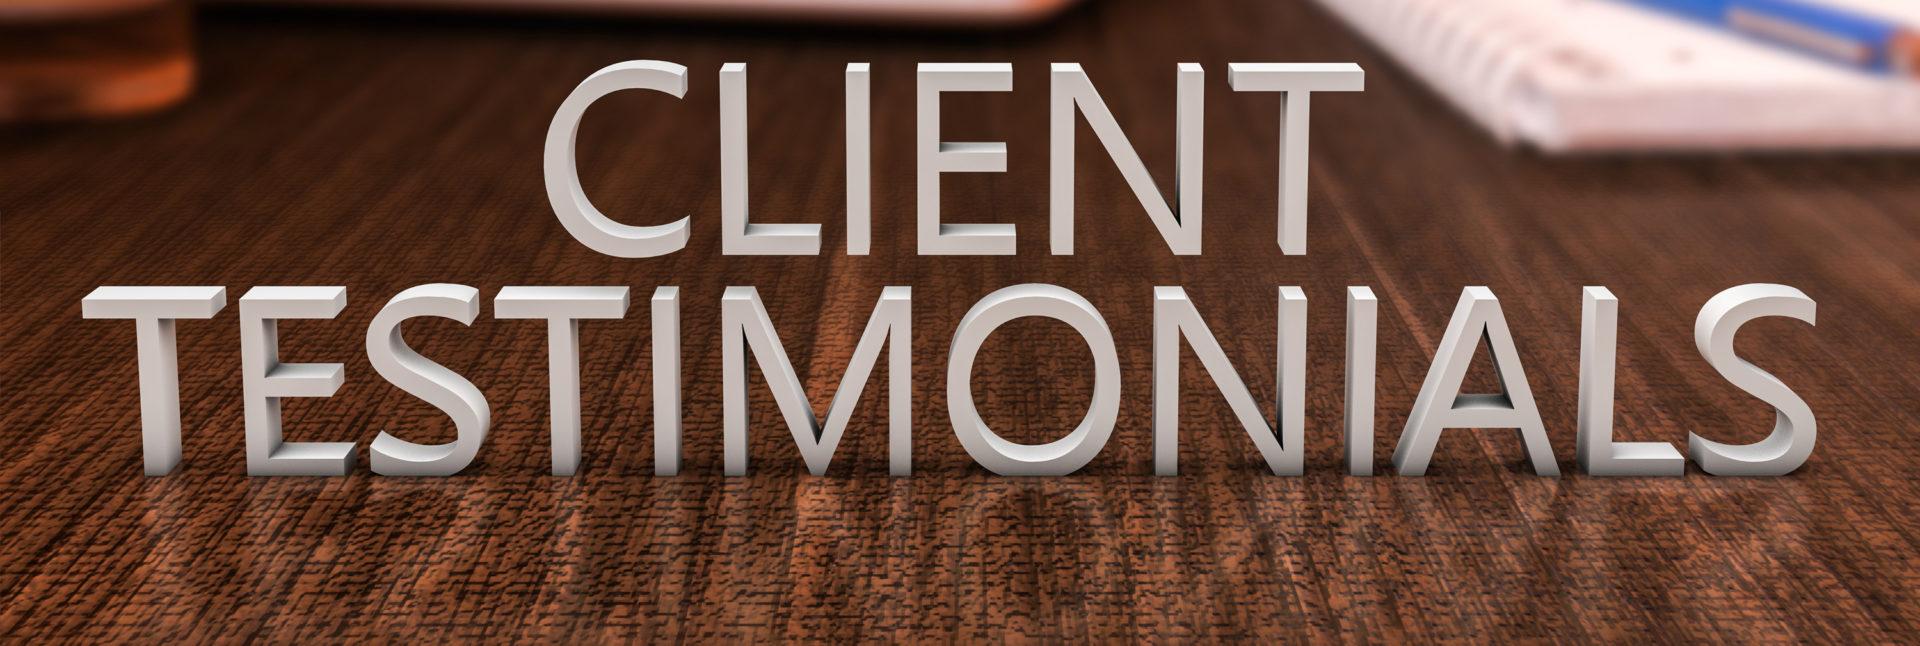 Client Testimonials-v2